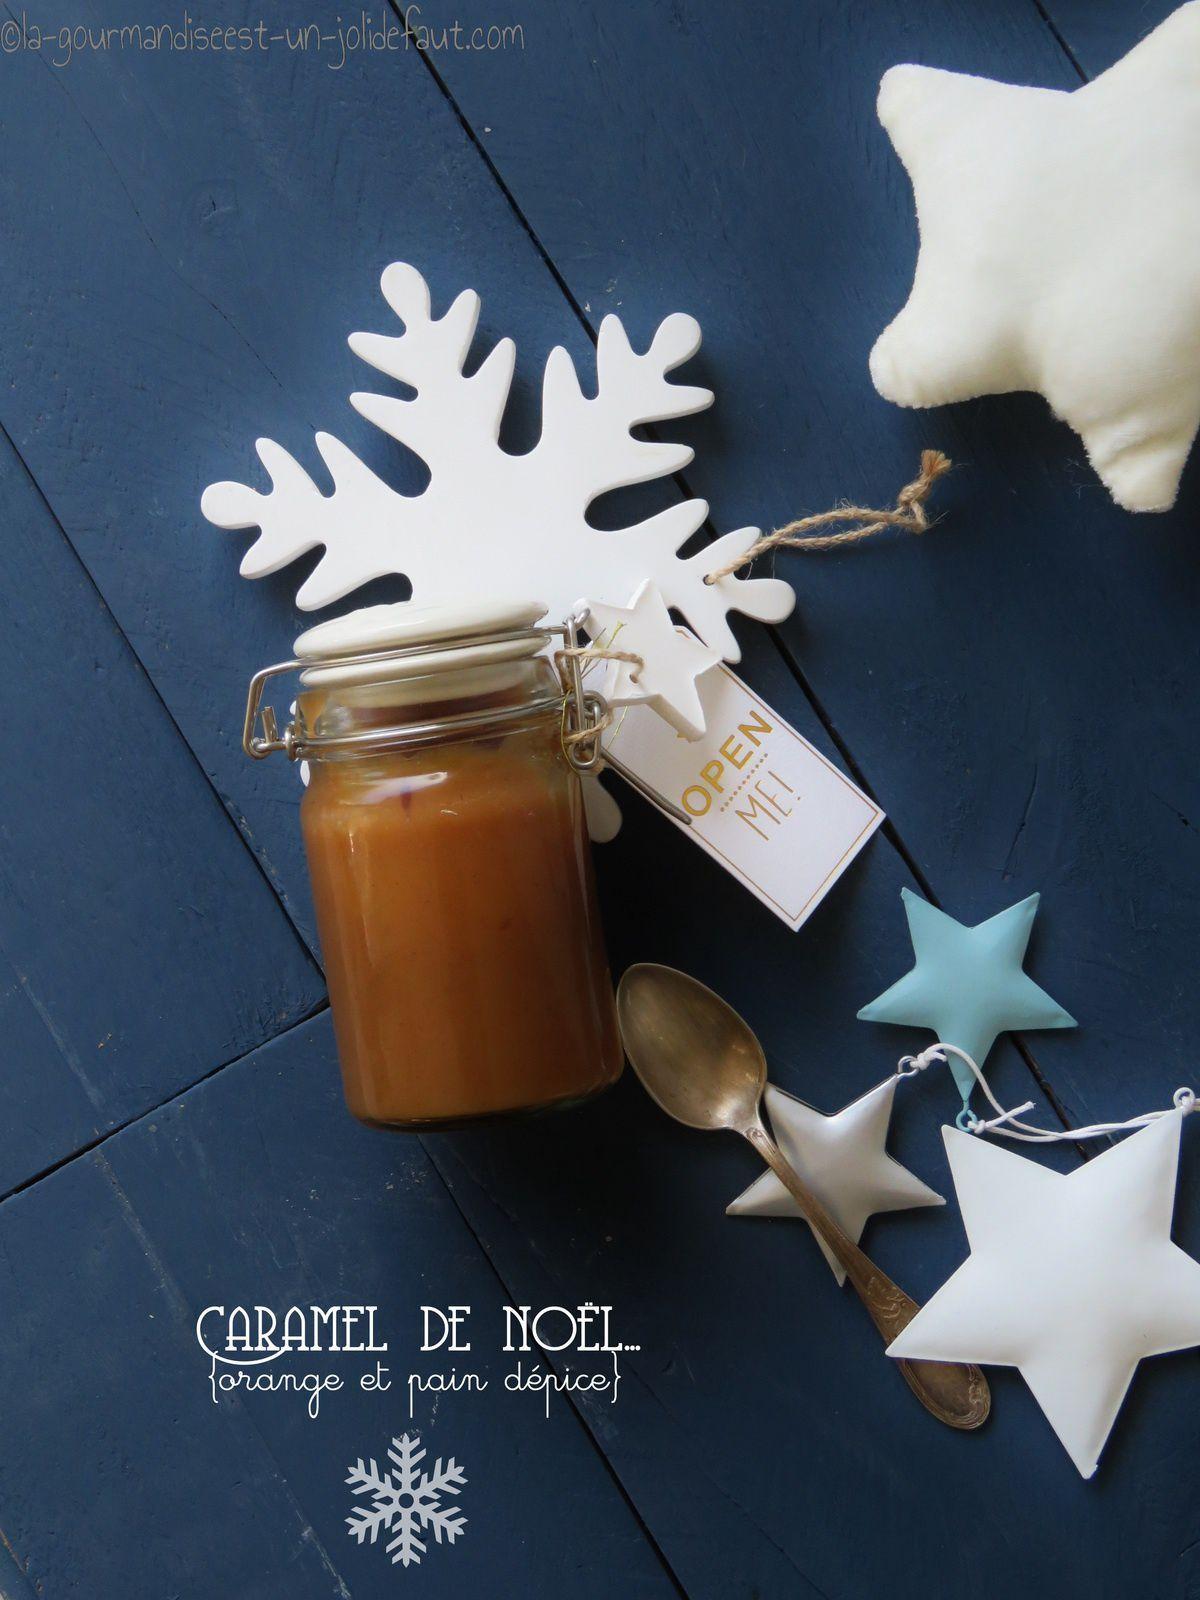 Caramel de noël {orange et épices à pain d'épice}